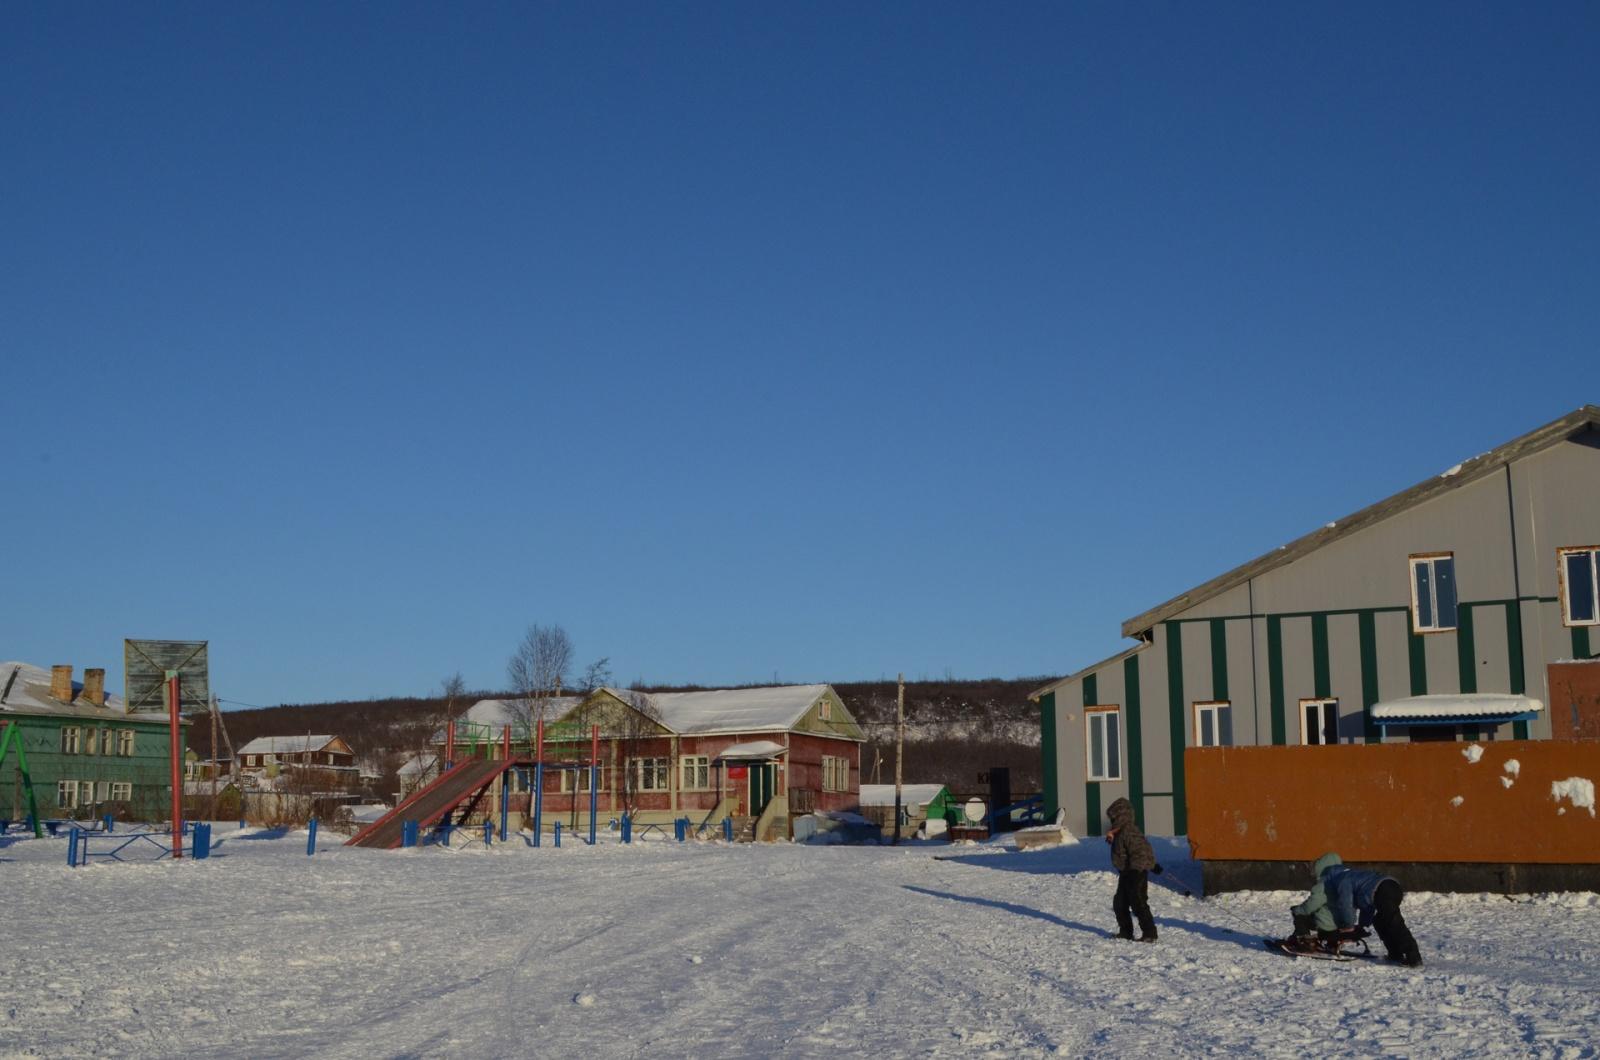 Как мы путешествовали по Камчатке, строя защиту информации в медицинских учреждениях края - 119